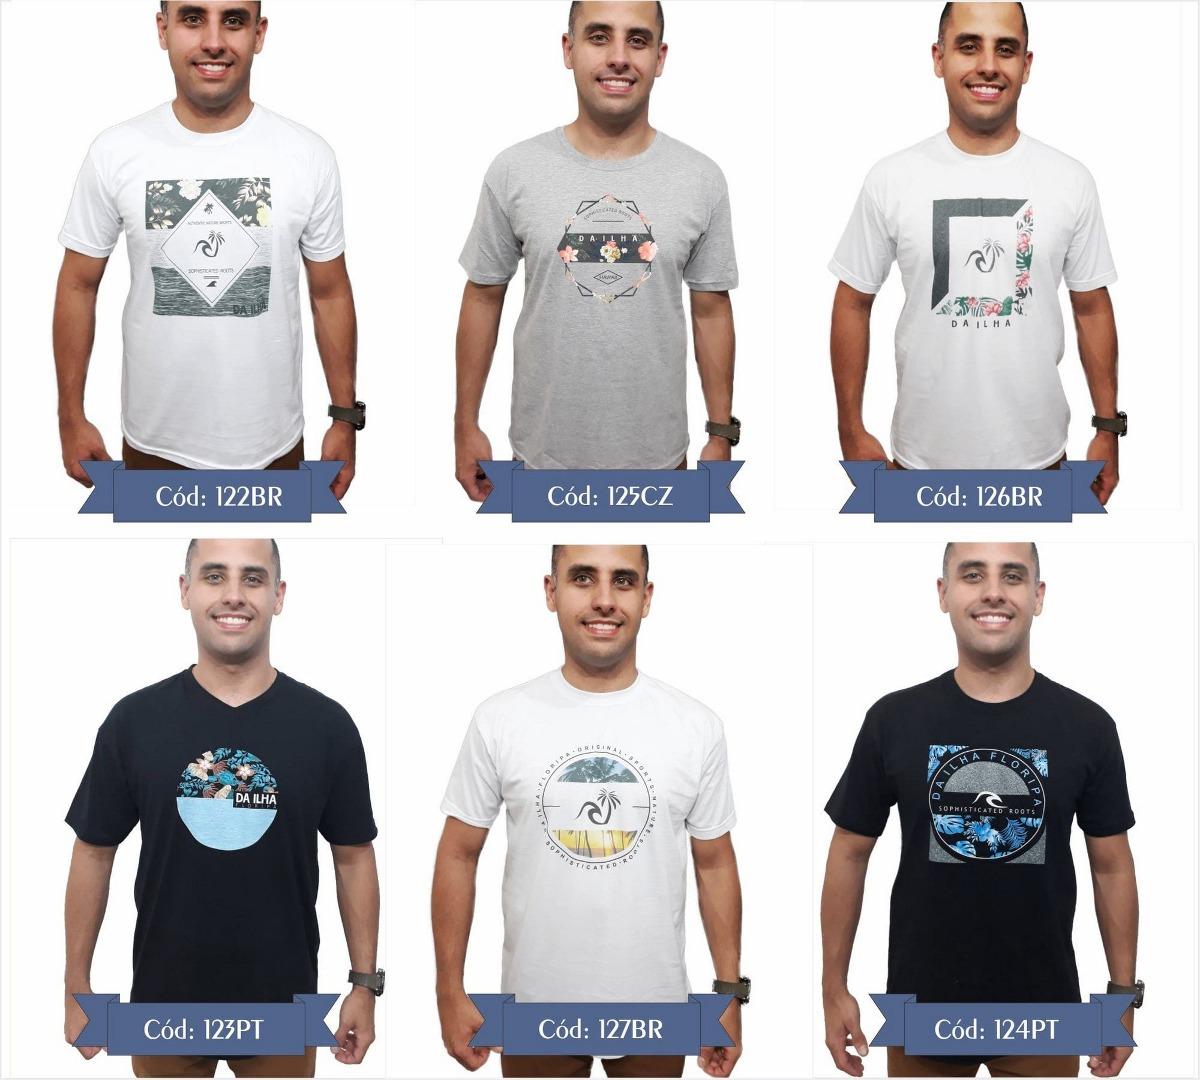 c2a3e3027d kit 3 camiseta original camisas promoção marca top qualidade. Carregando  zoom.